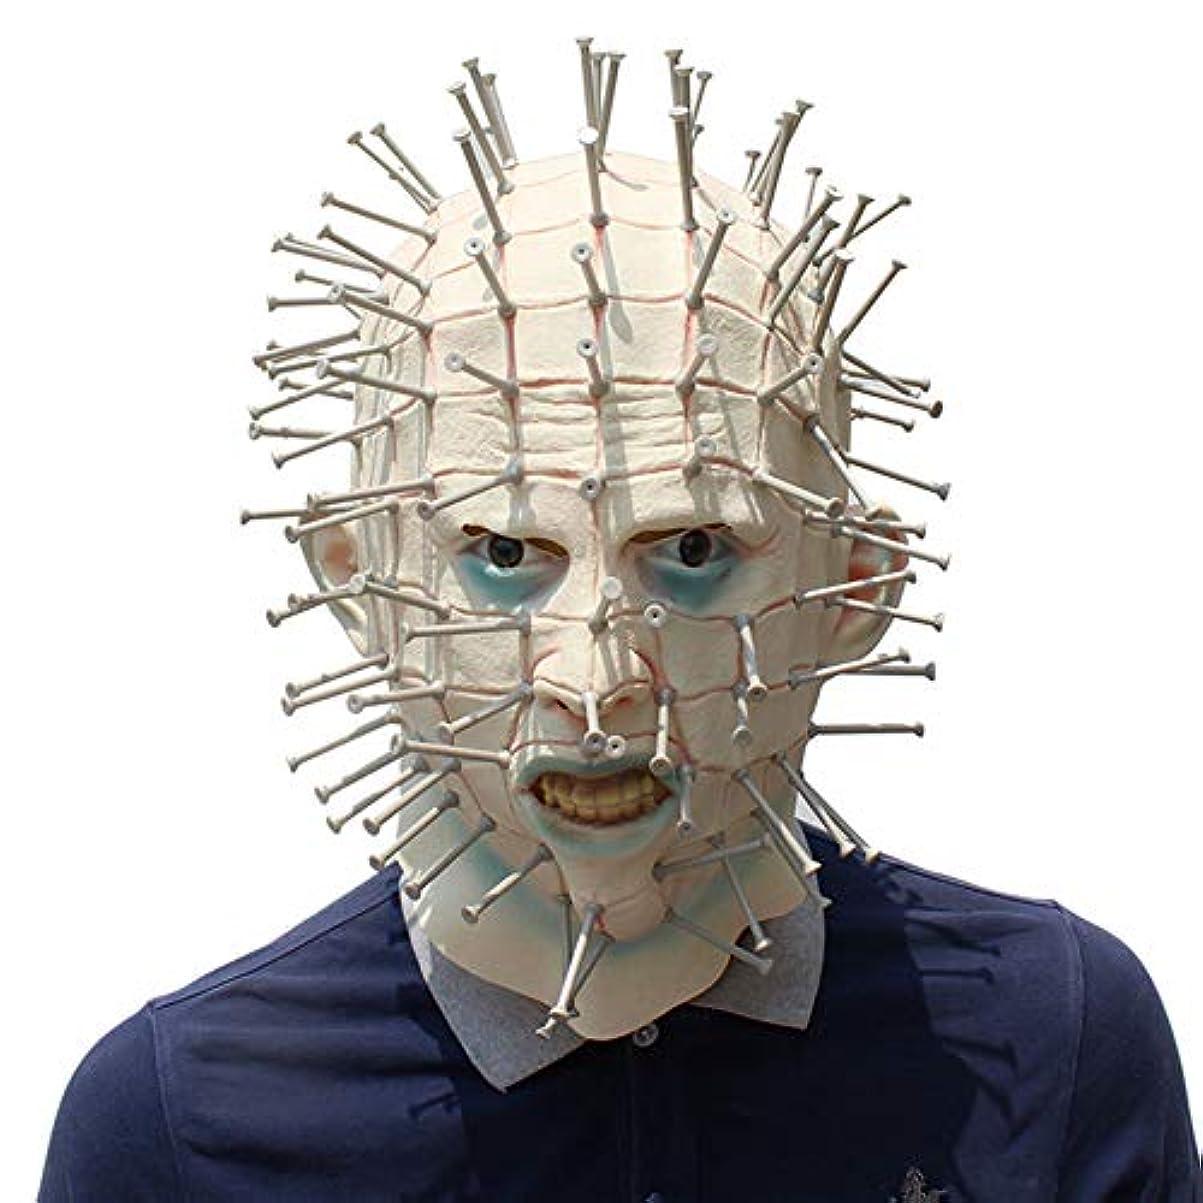 政府待つ拡散するハロウィーンマスク、プッシュピンラテックスマスク、ハロウィーン、テーマパーティー、カーニバル、レイブパーティー、バー、小道具。